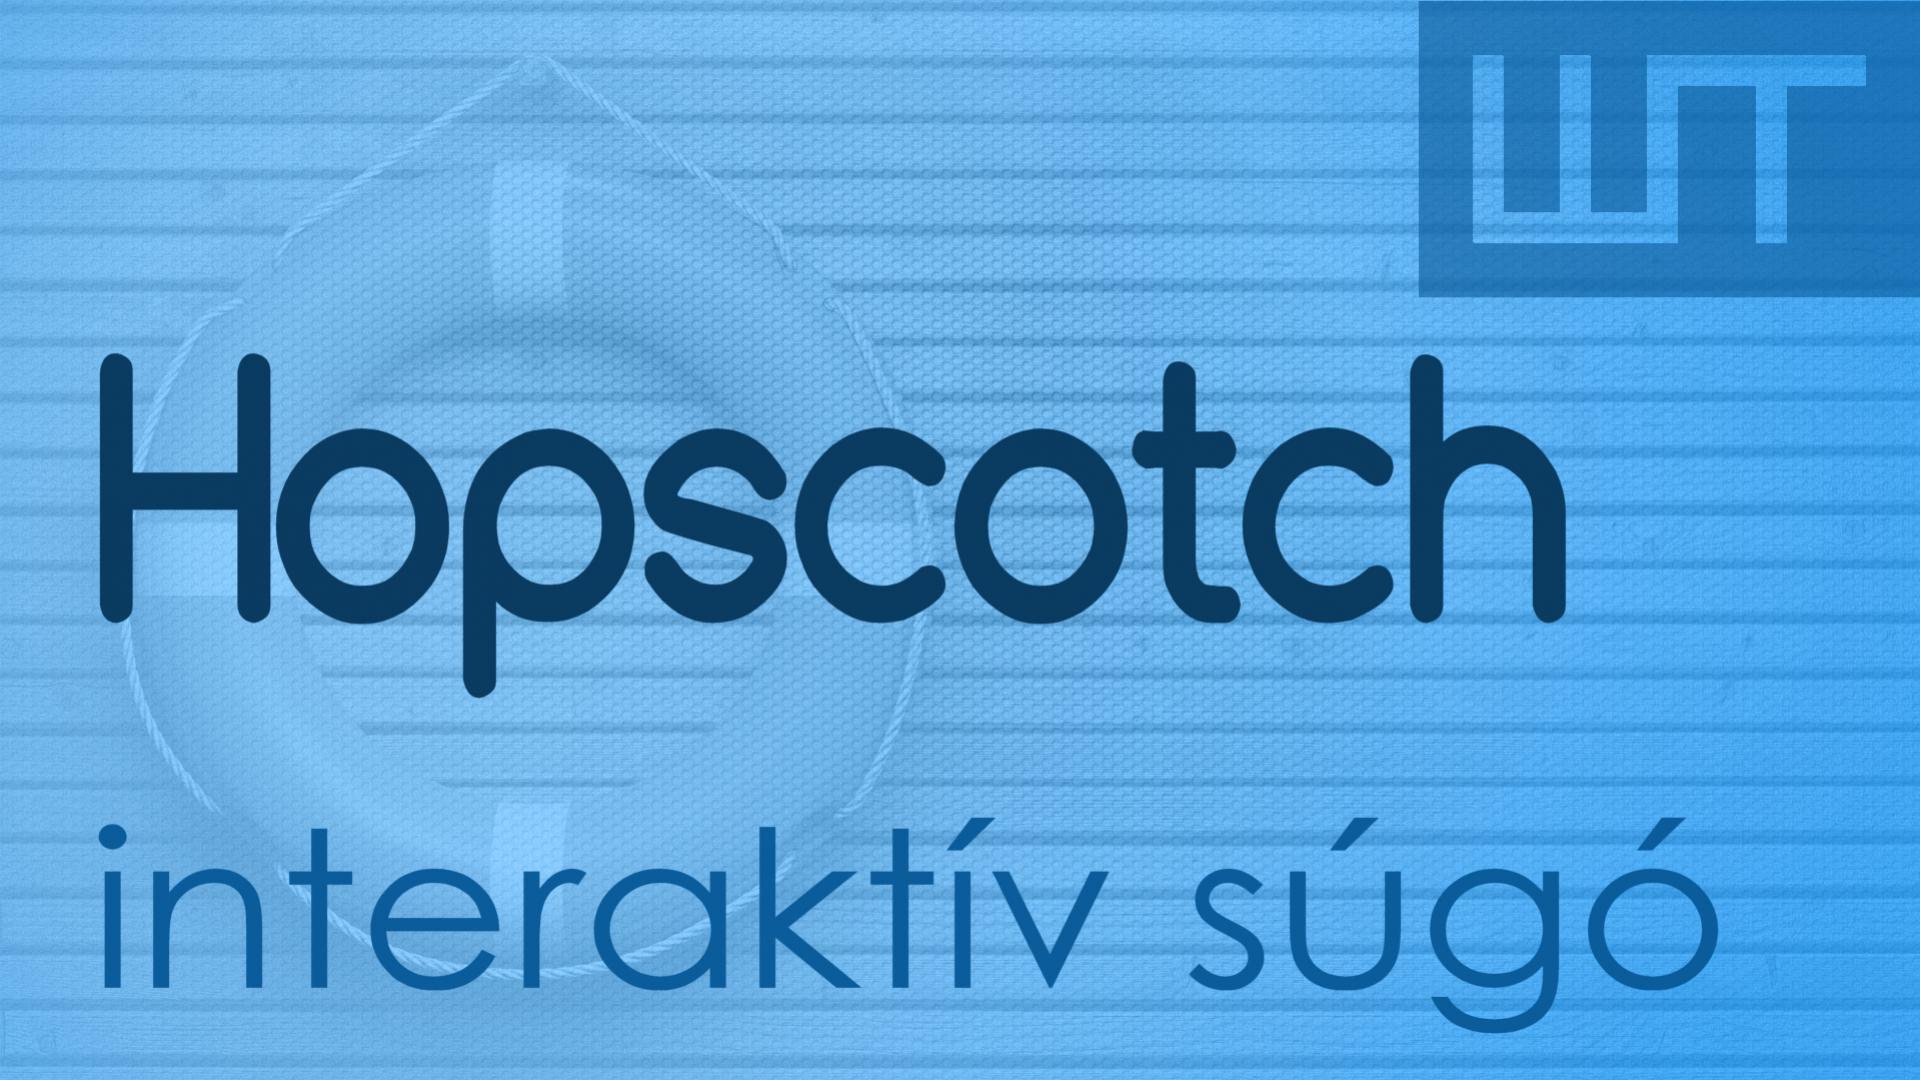 Hopscotch - interaktív súgó rendszer